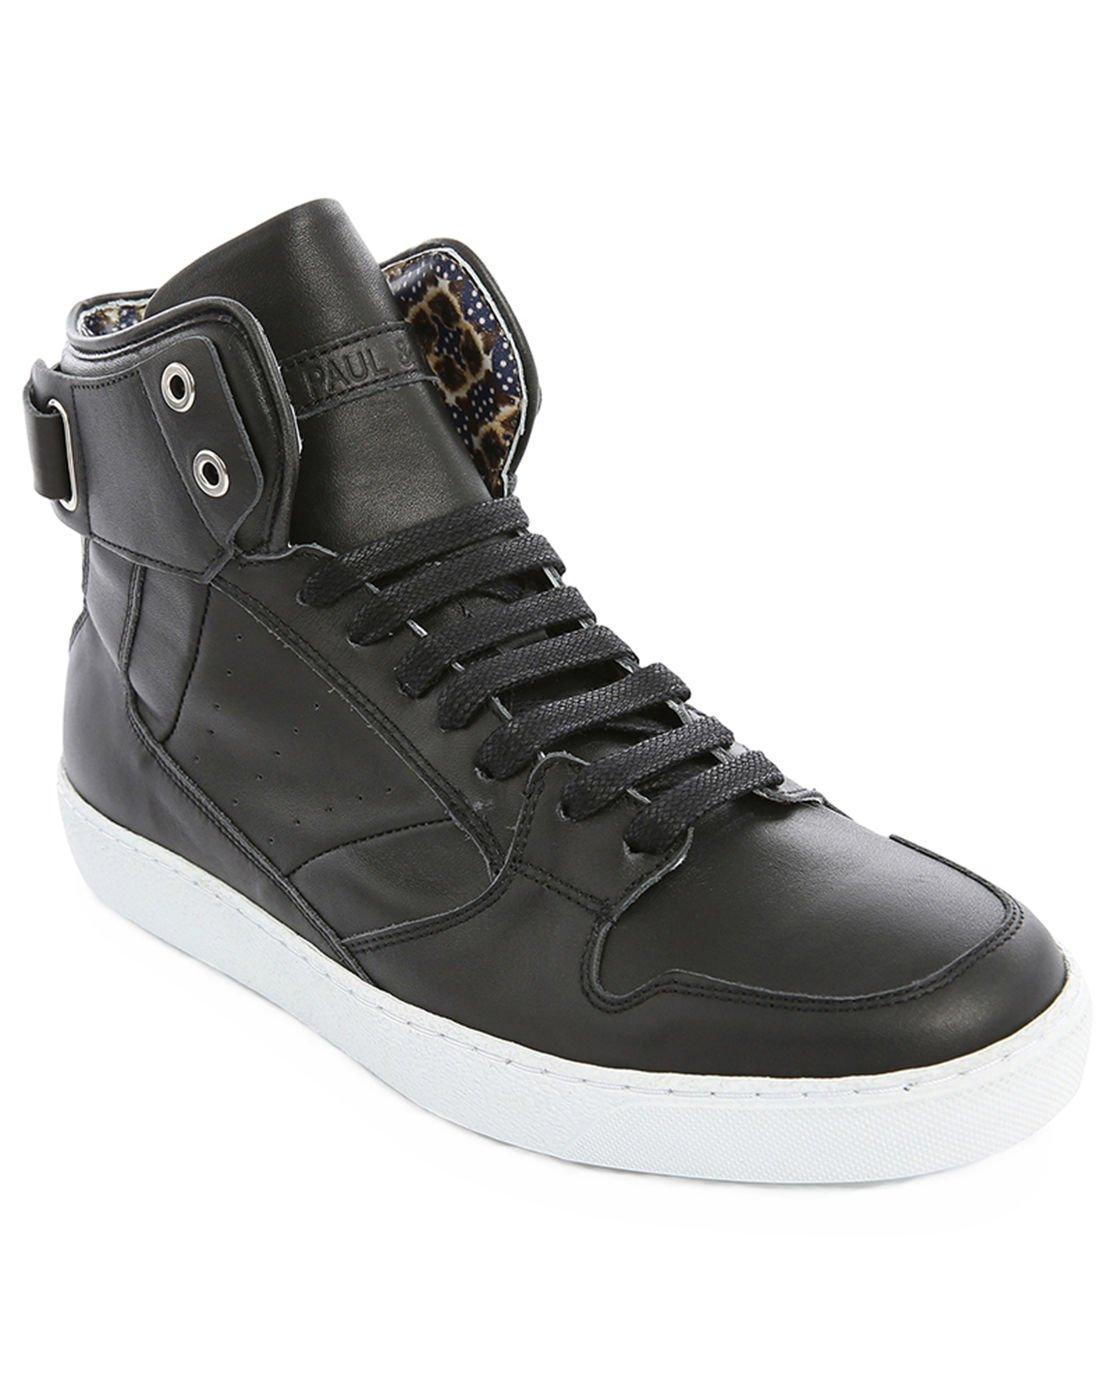 paul joe hoop black high top leather sneakers in black for men lyst. Black Bedroom Furniture Sets. Home Design Ideas